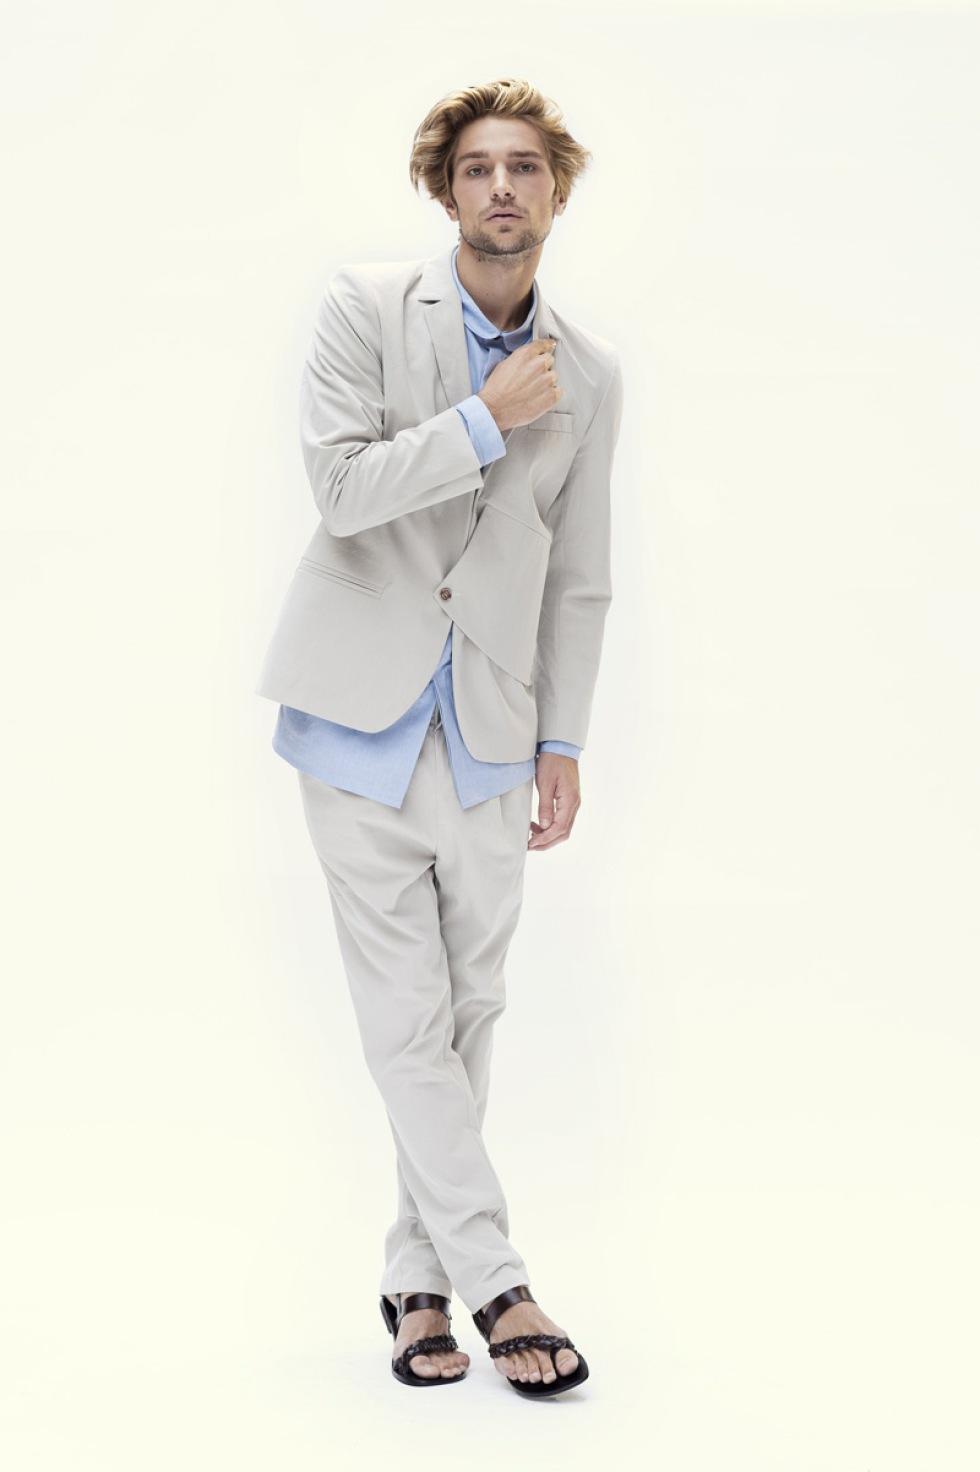 155553 980 - Lagom 2011 Erkek Giyim Kolleksiyonu